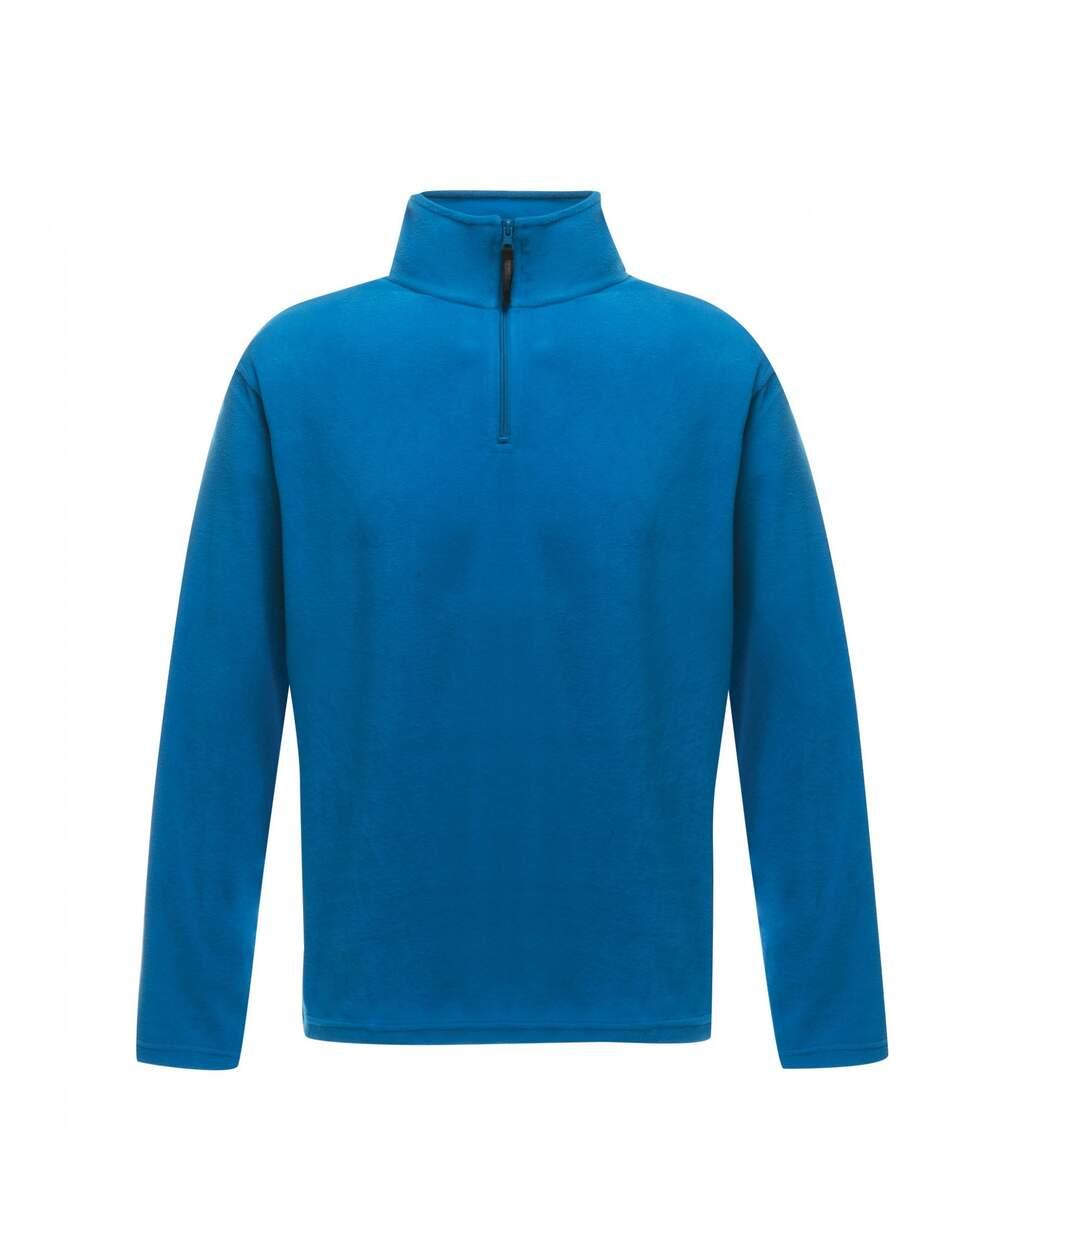 Regatta Mens Micro Zip Neck Fleece Top (Oxford Blue) - UTRG1580